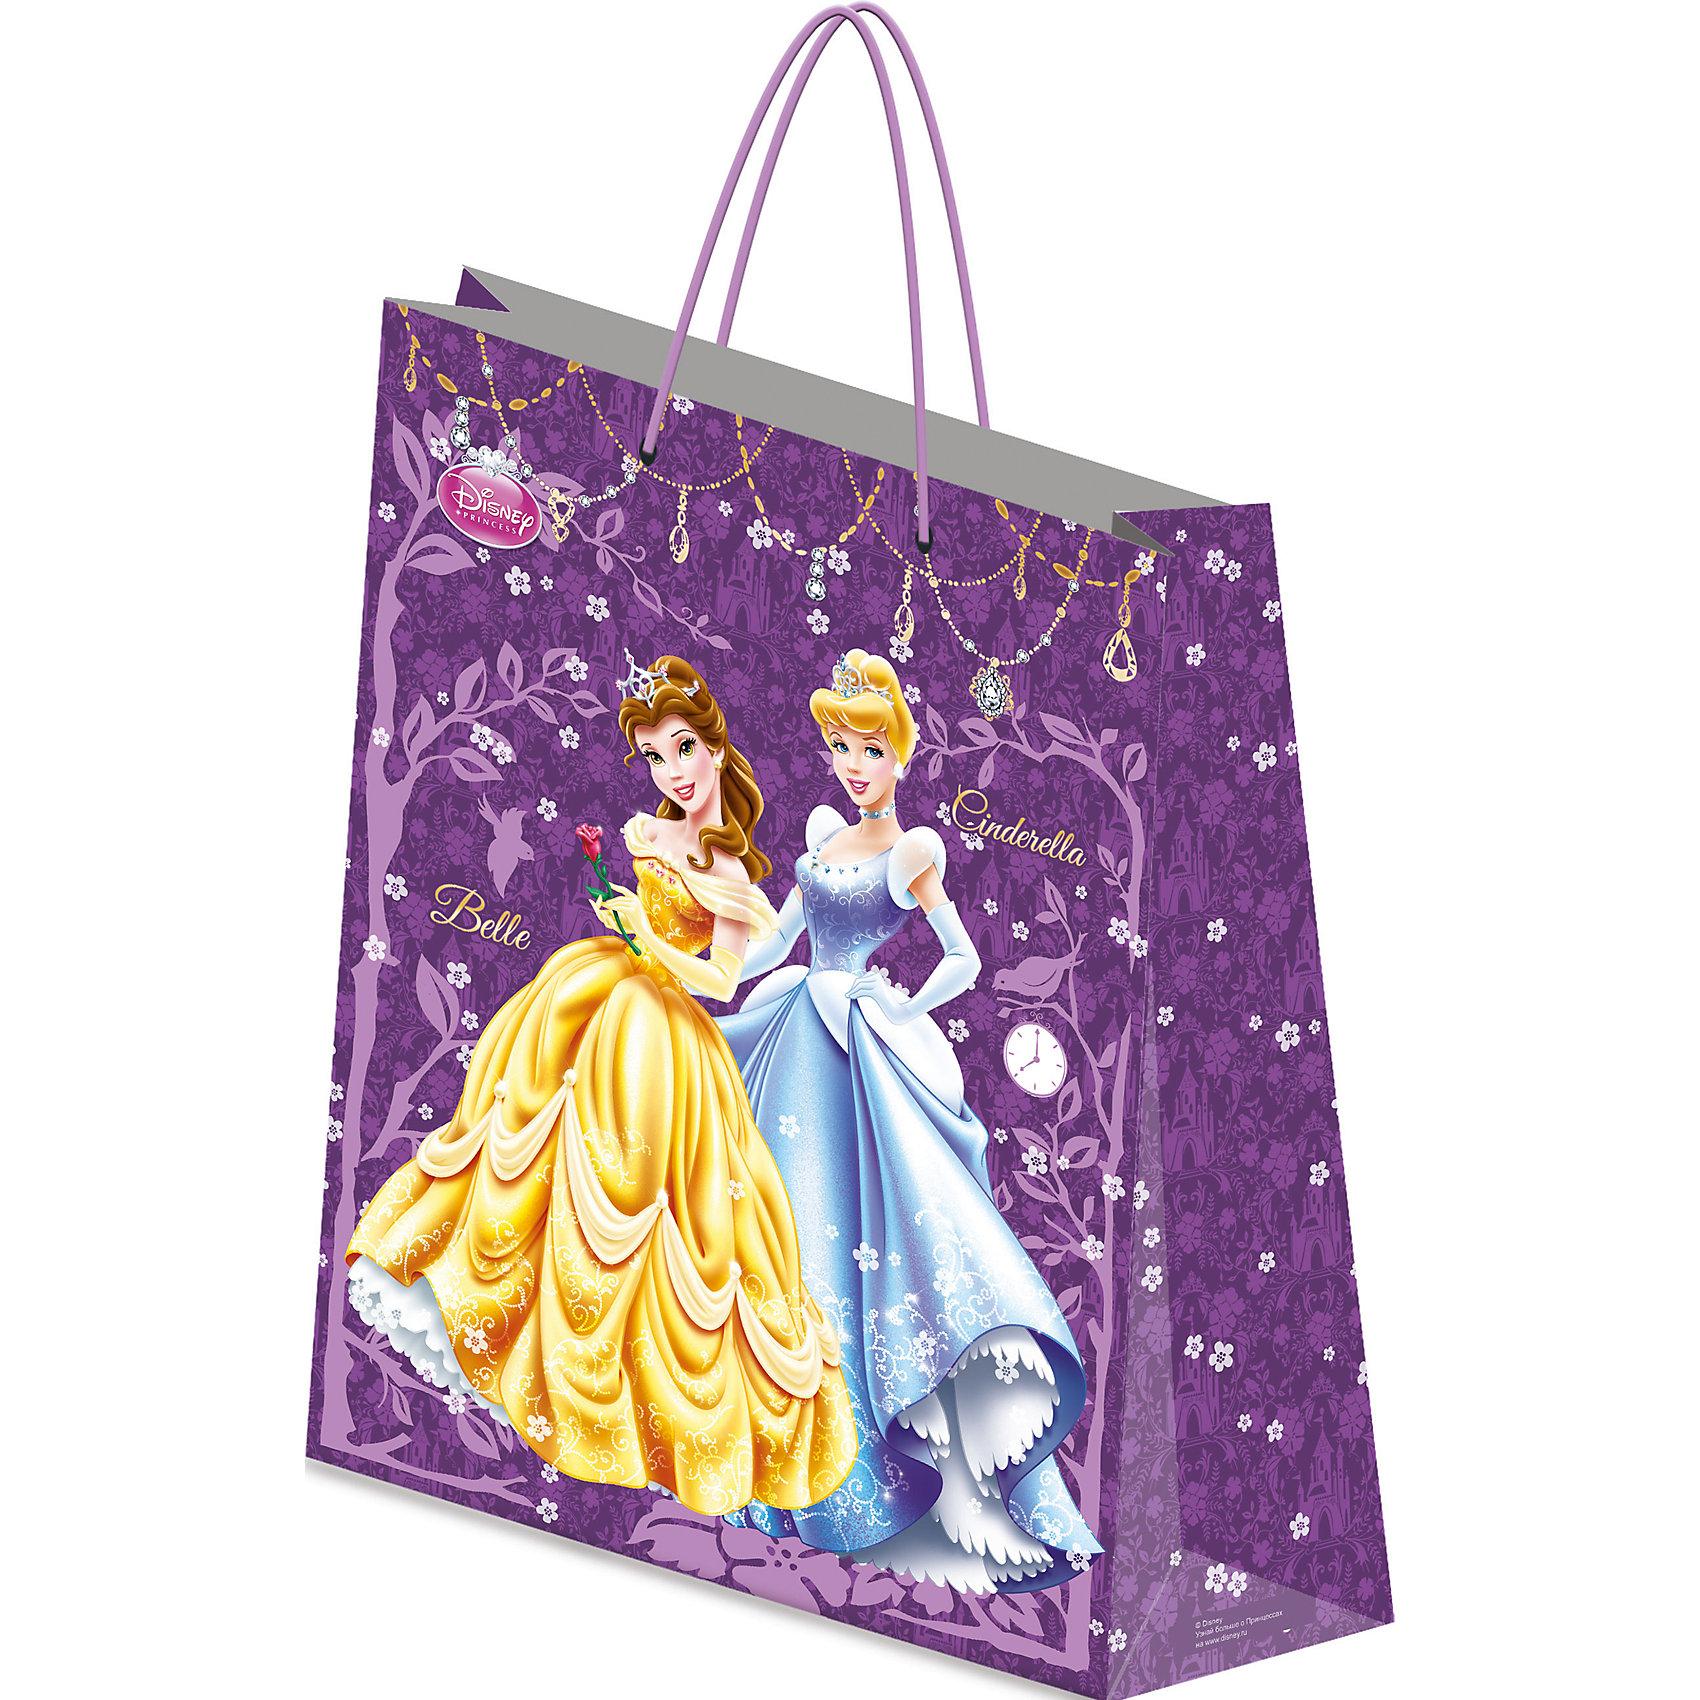 Академия групп Пакет подарочный, Принцессы Дисней академия групп пенал в форме карандаша принцессы дисней